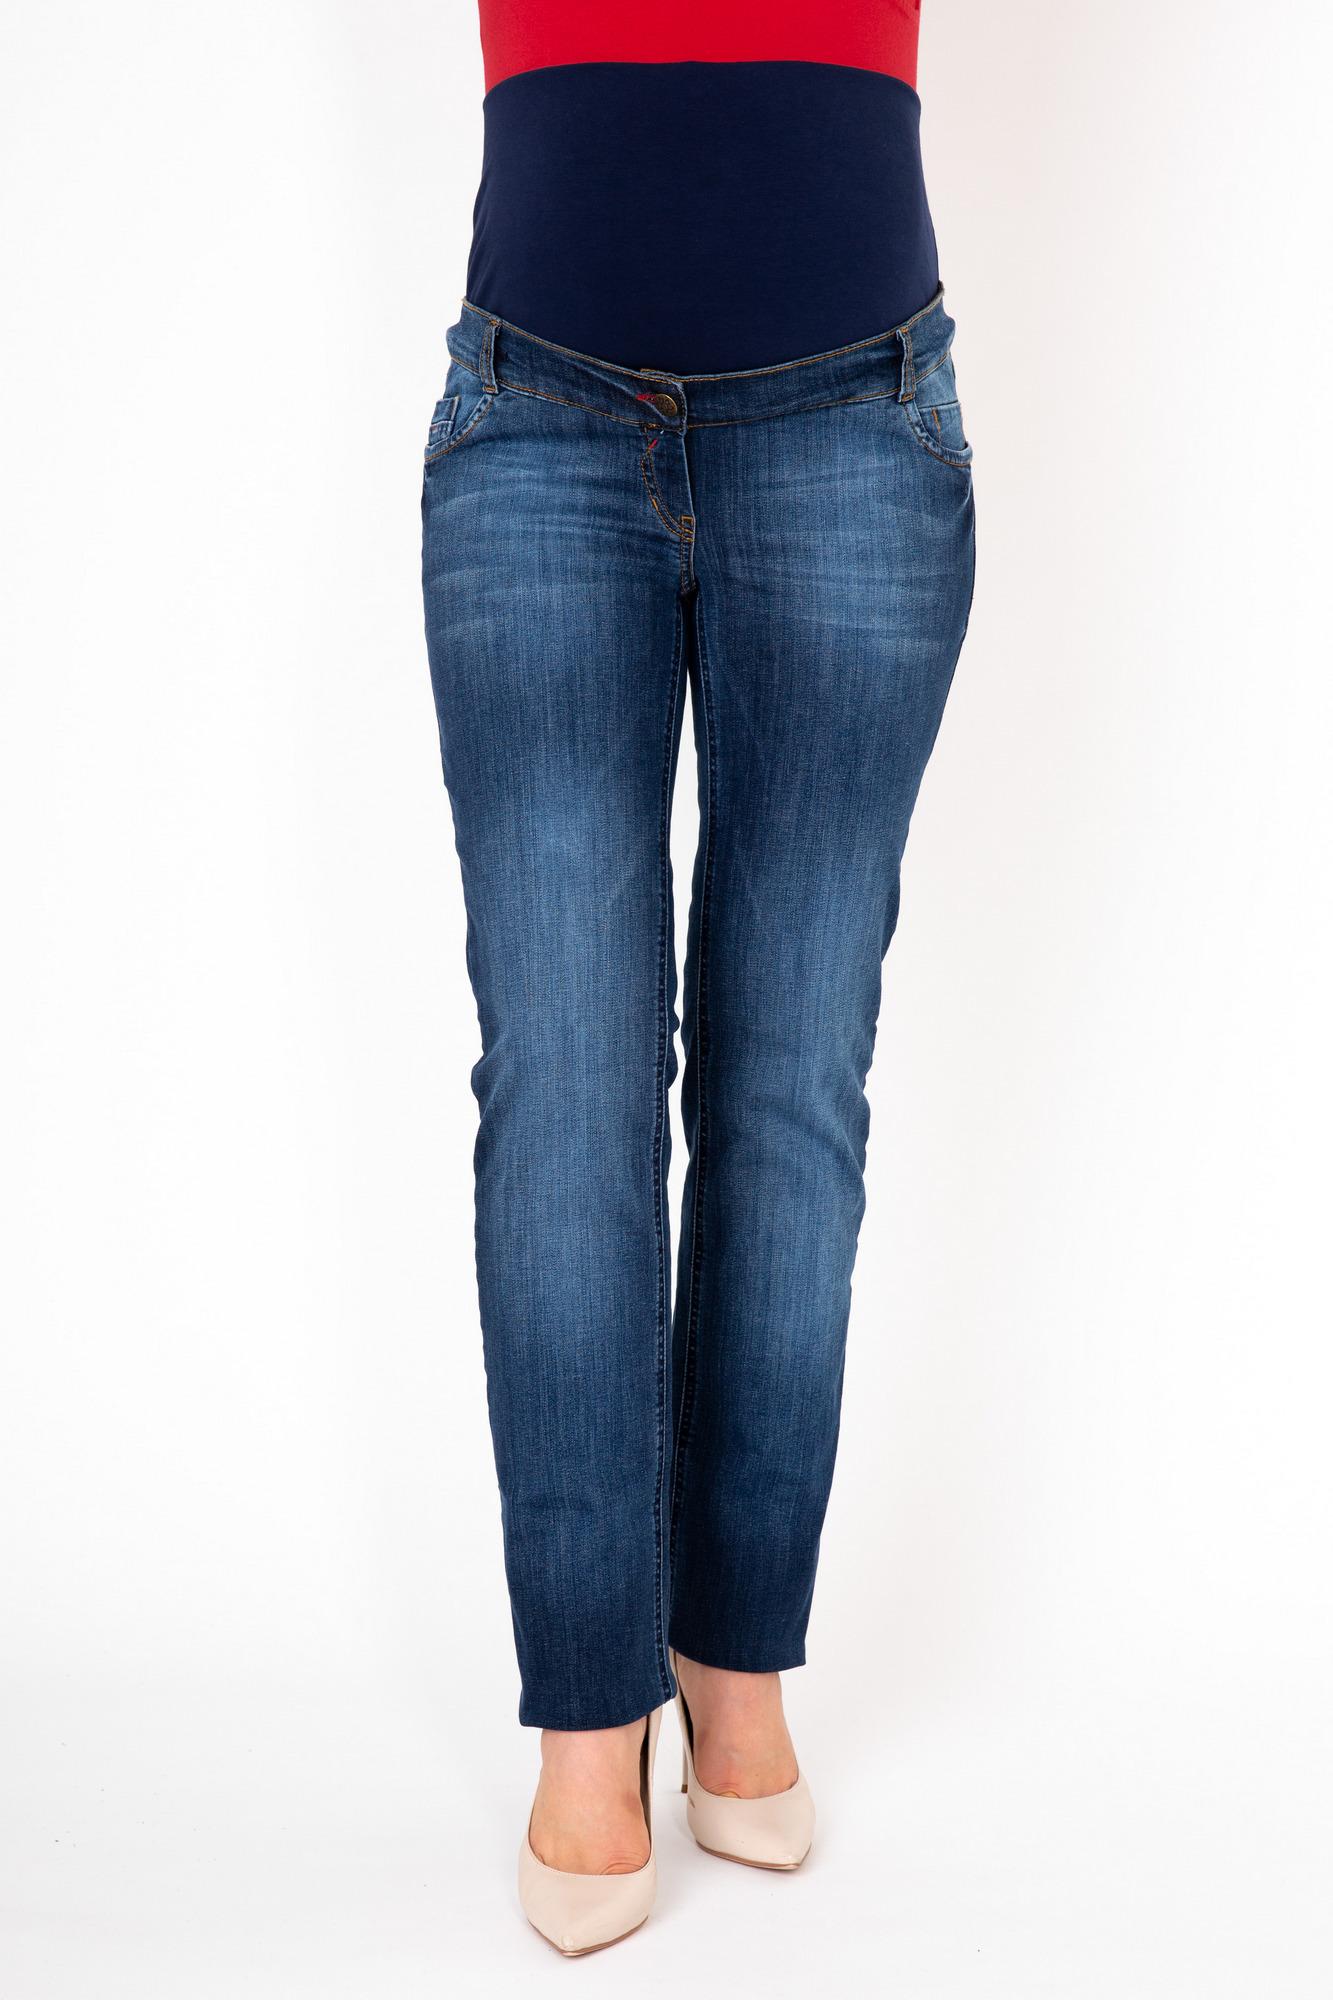 Фото джинсы для беременных MAMA`S FANTASY, из стрейчевого денима, средняя посадка, элементы потертости от магазина СкороМама, синий, размеры.